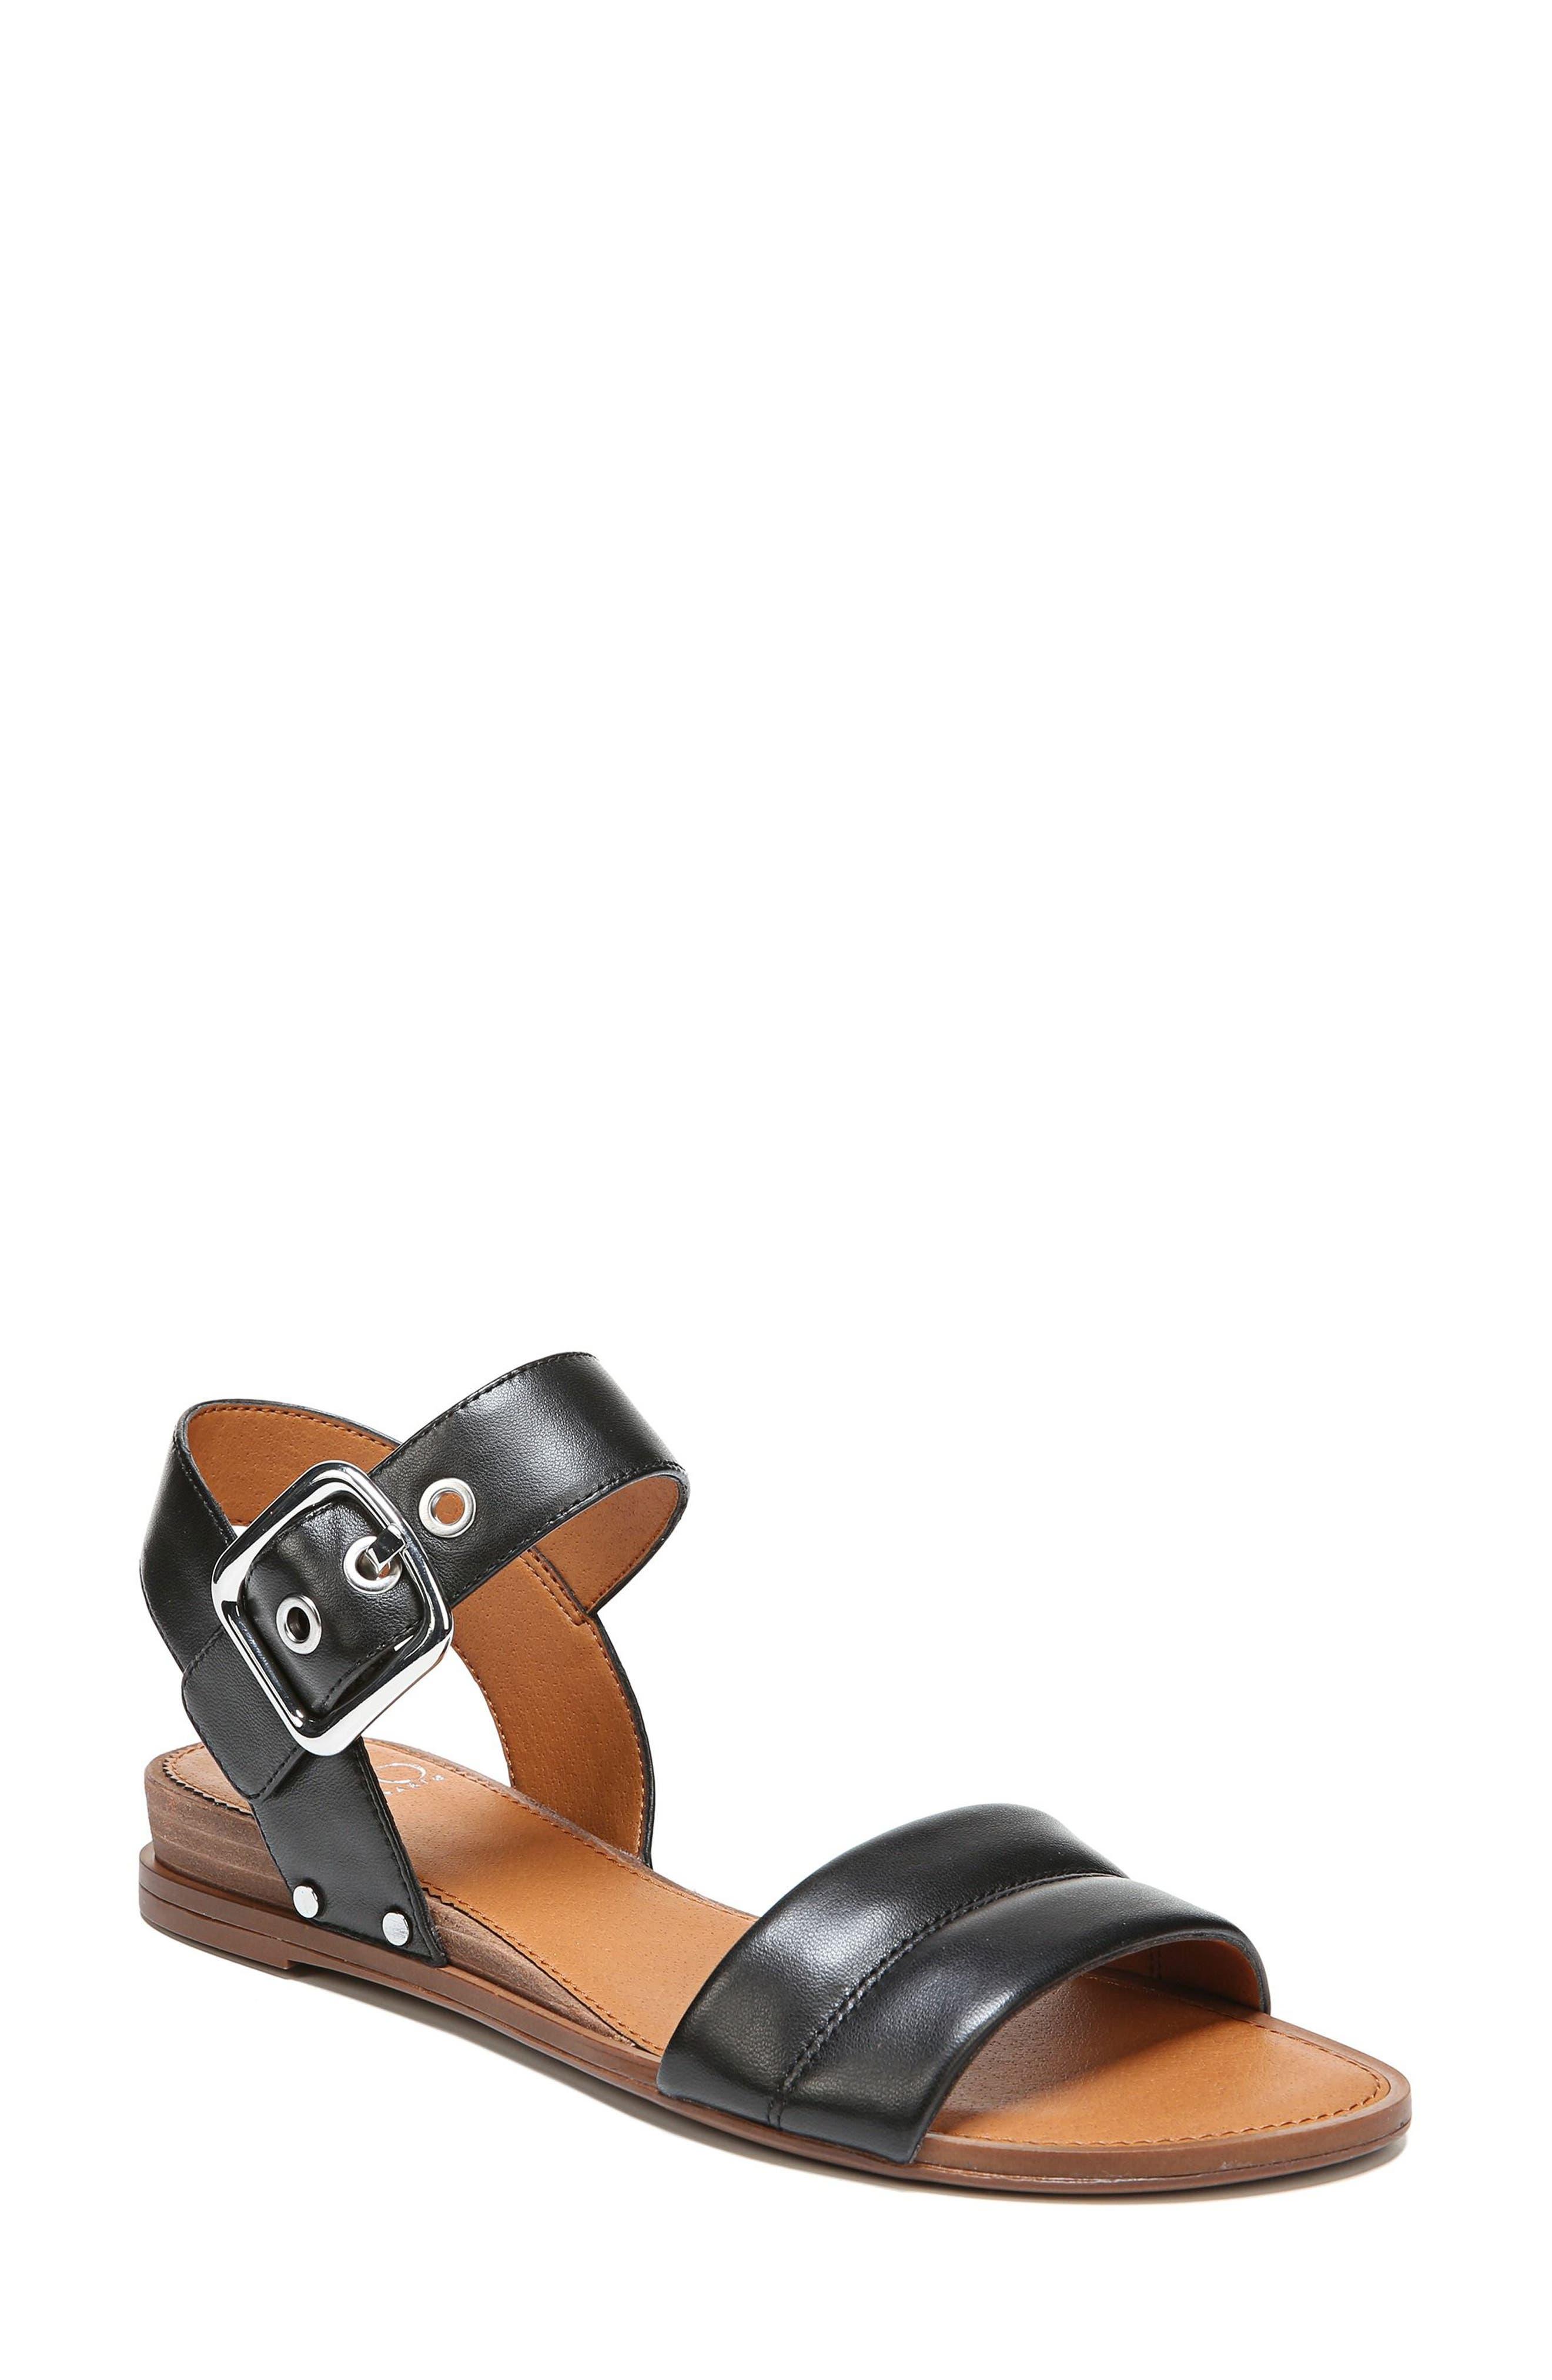 Sarto by Franco Sarto Patterson Suede Sandals 8K8GW